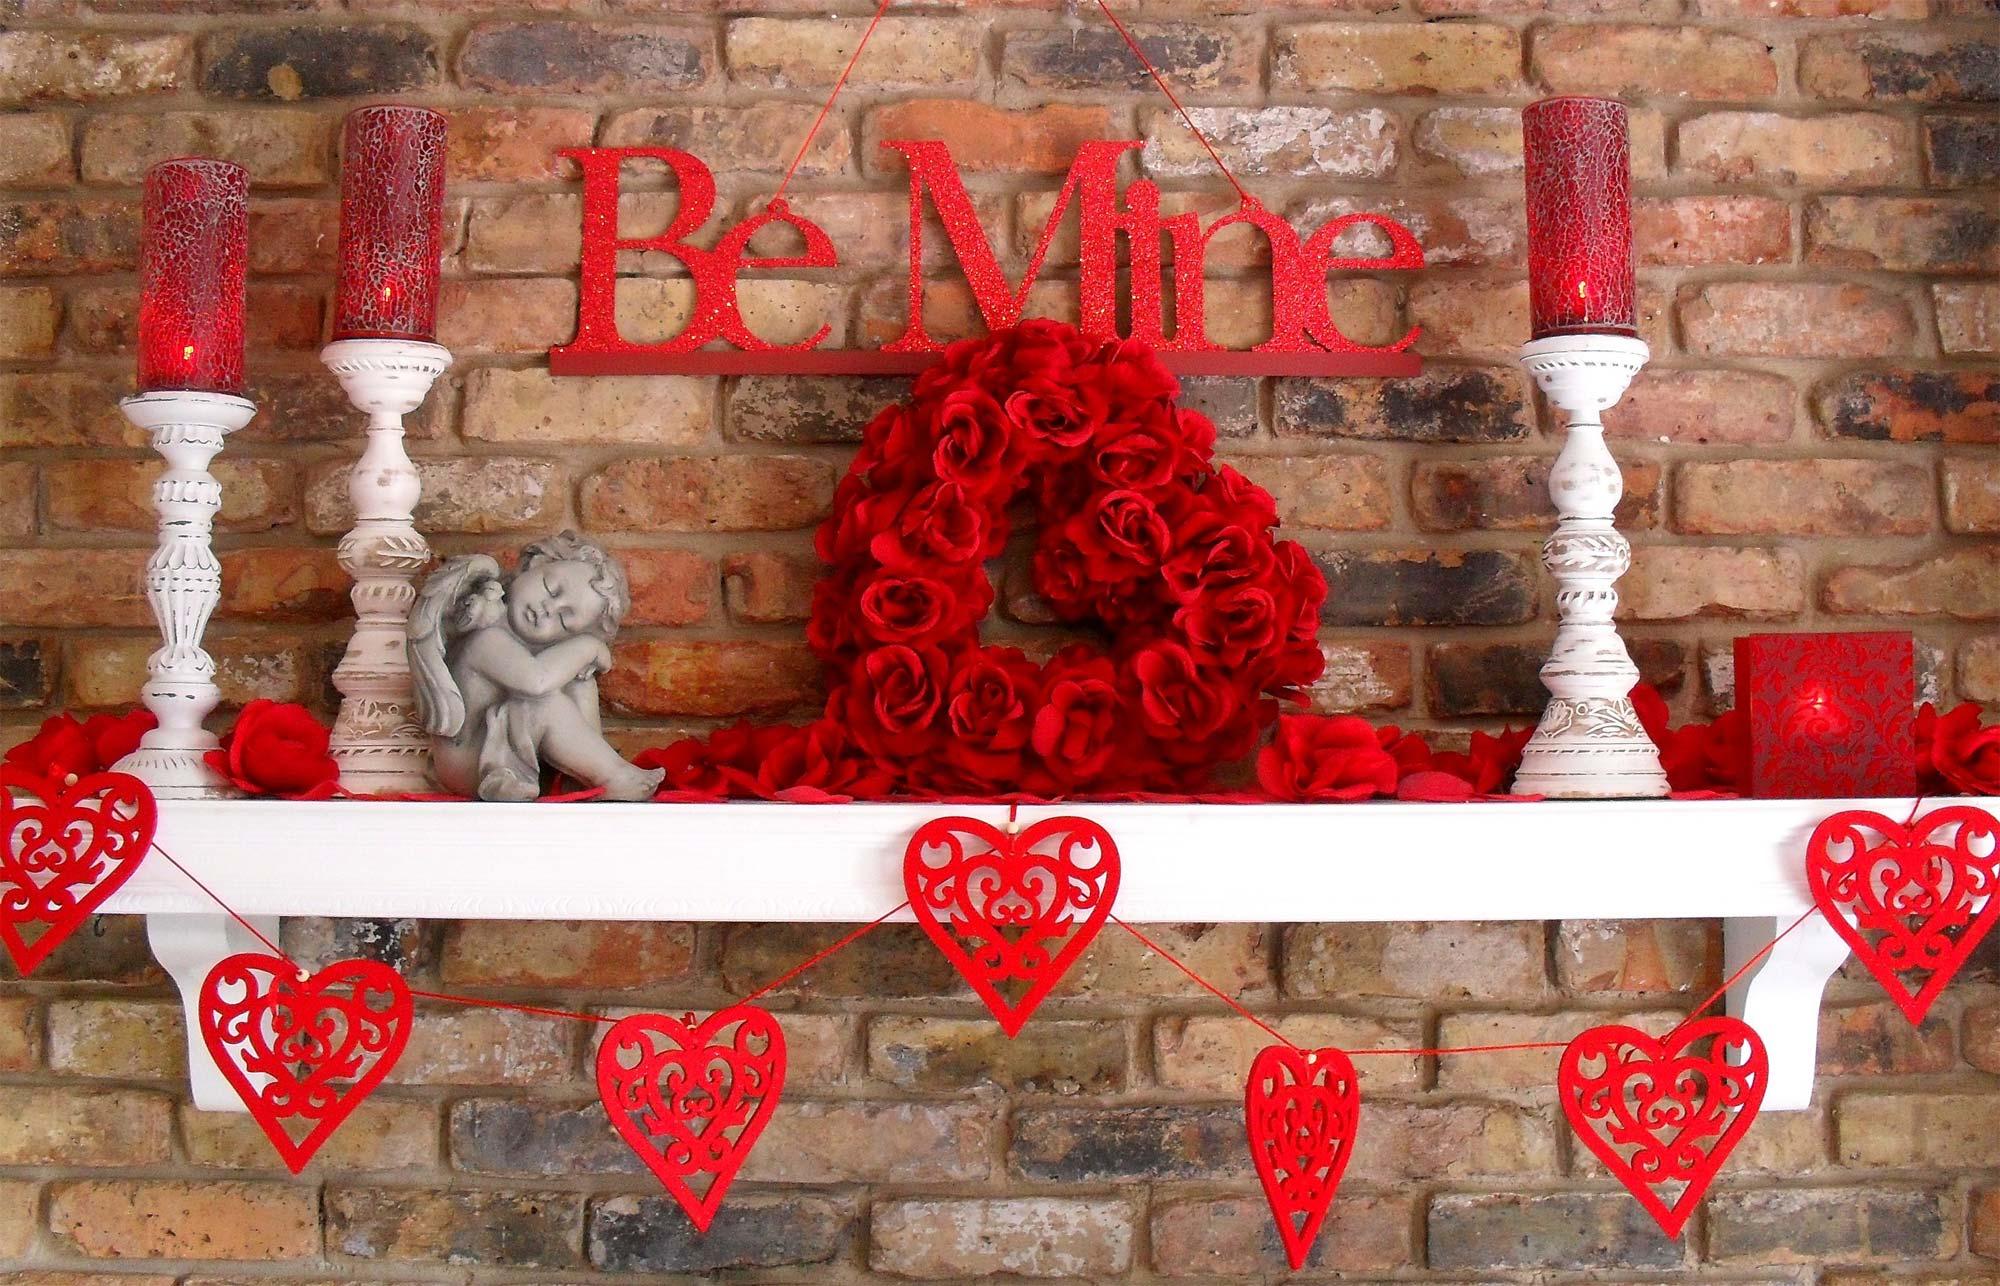 Декор к дню святого валентина своими руками